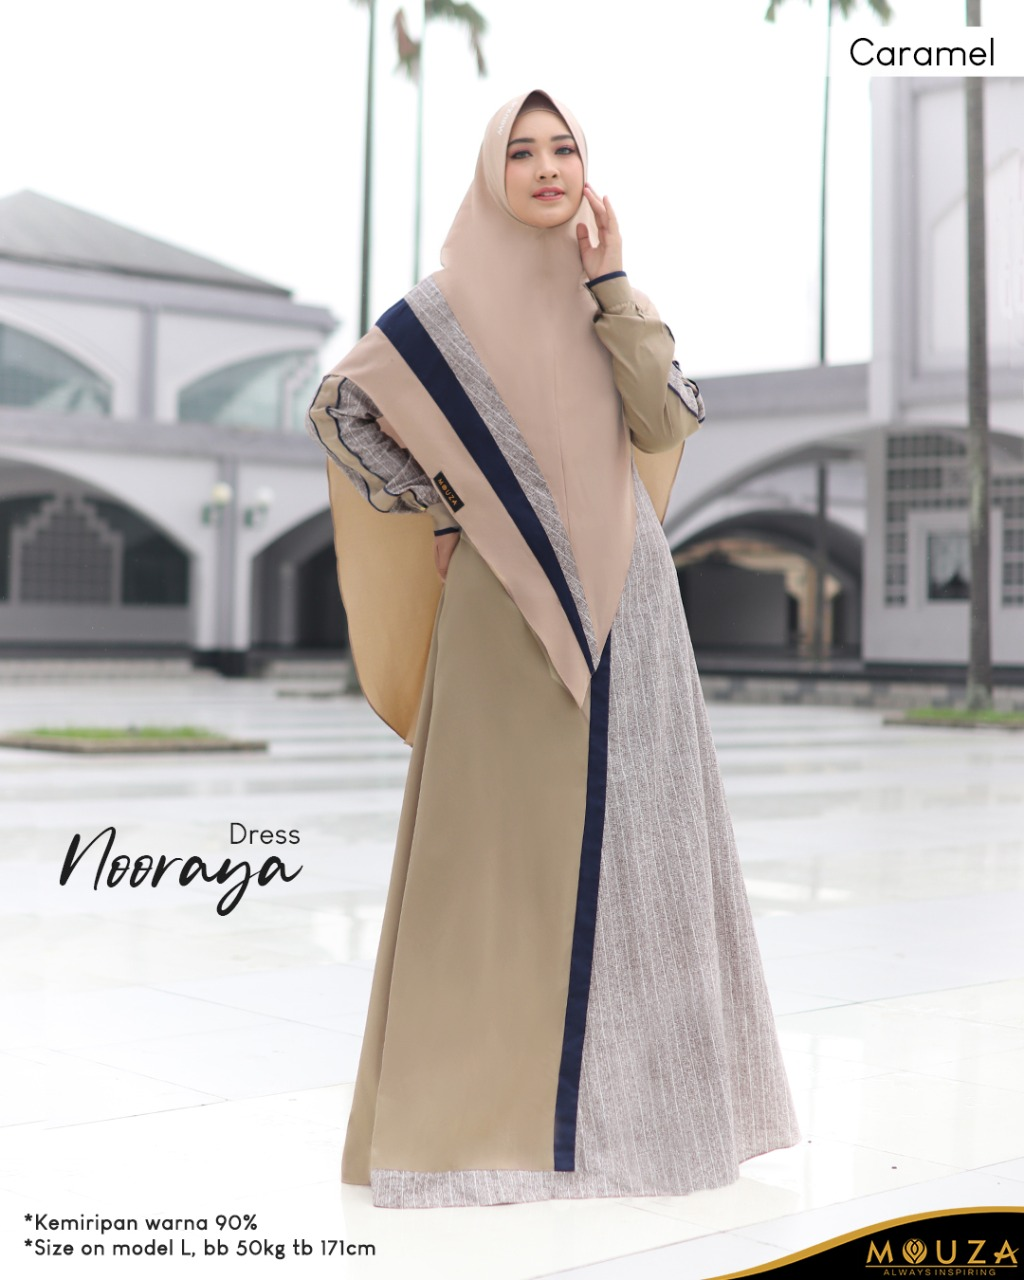 PO 2 Nooraya Dress Set